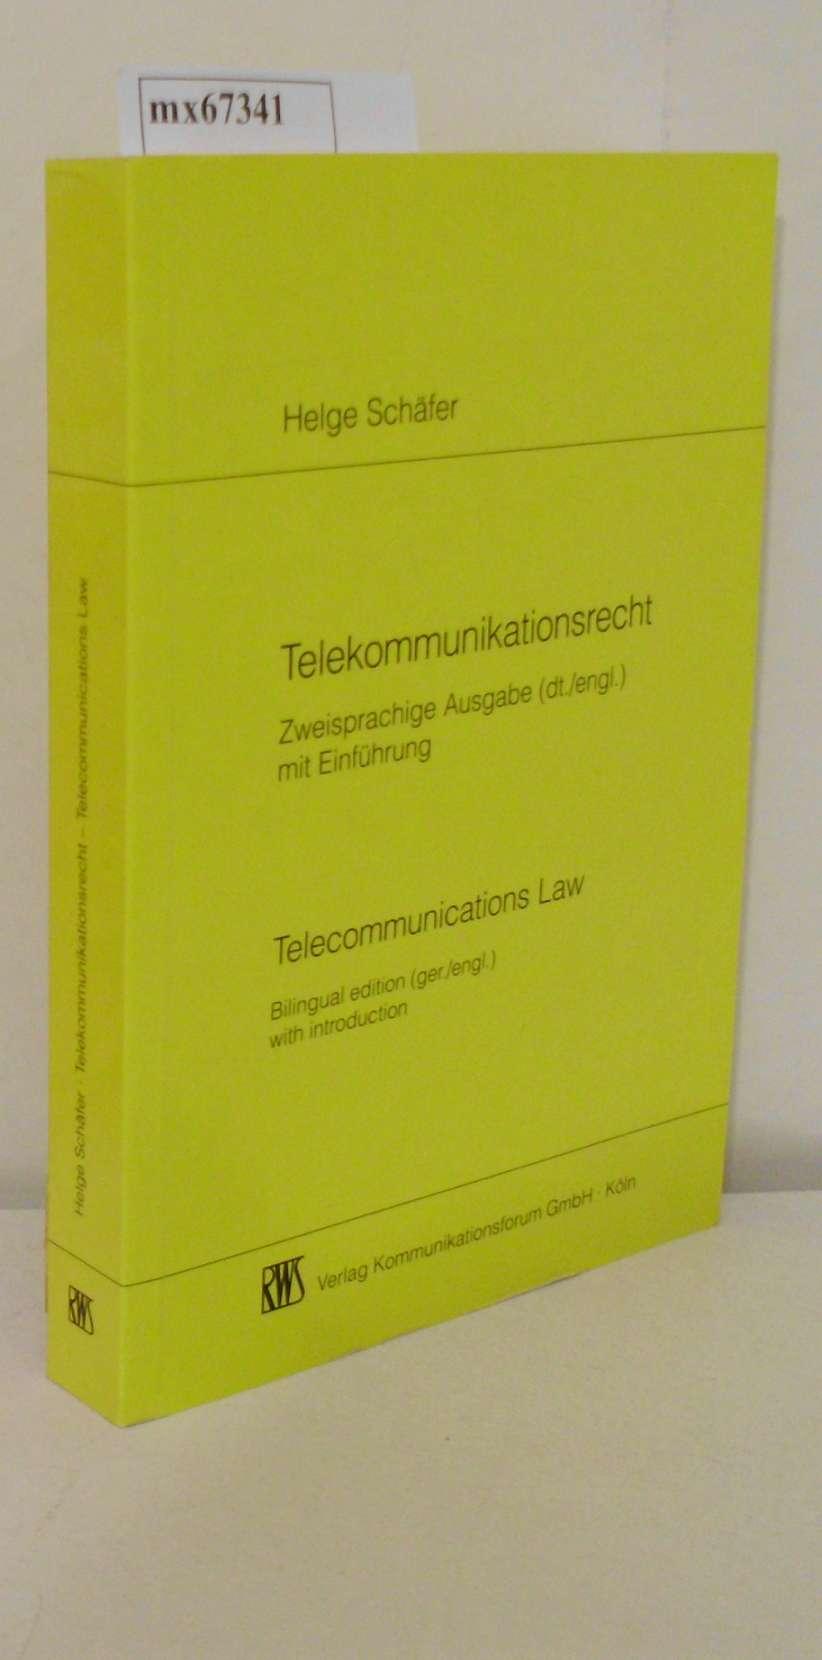 Telekommunikationsrecht zweisprachige Ausgabe (dt./engl.) mit Einführung = Telecommunications law / von Helge Schäfer